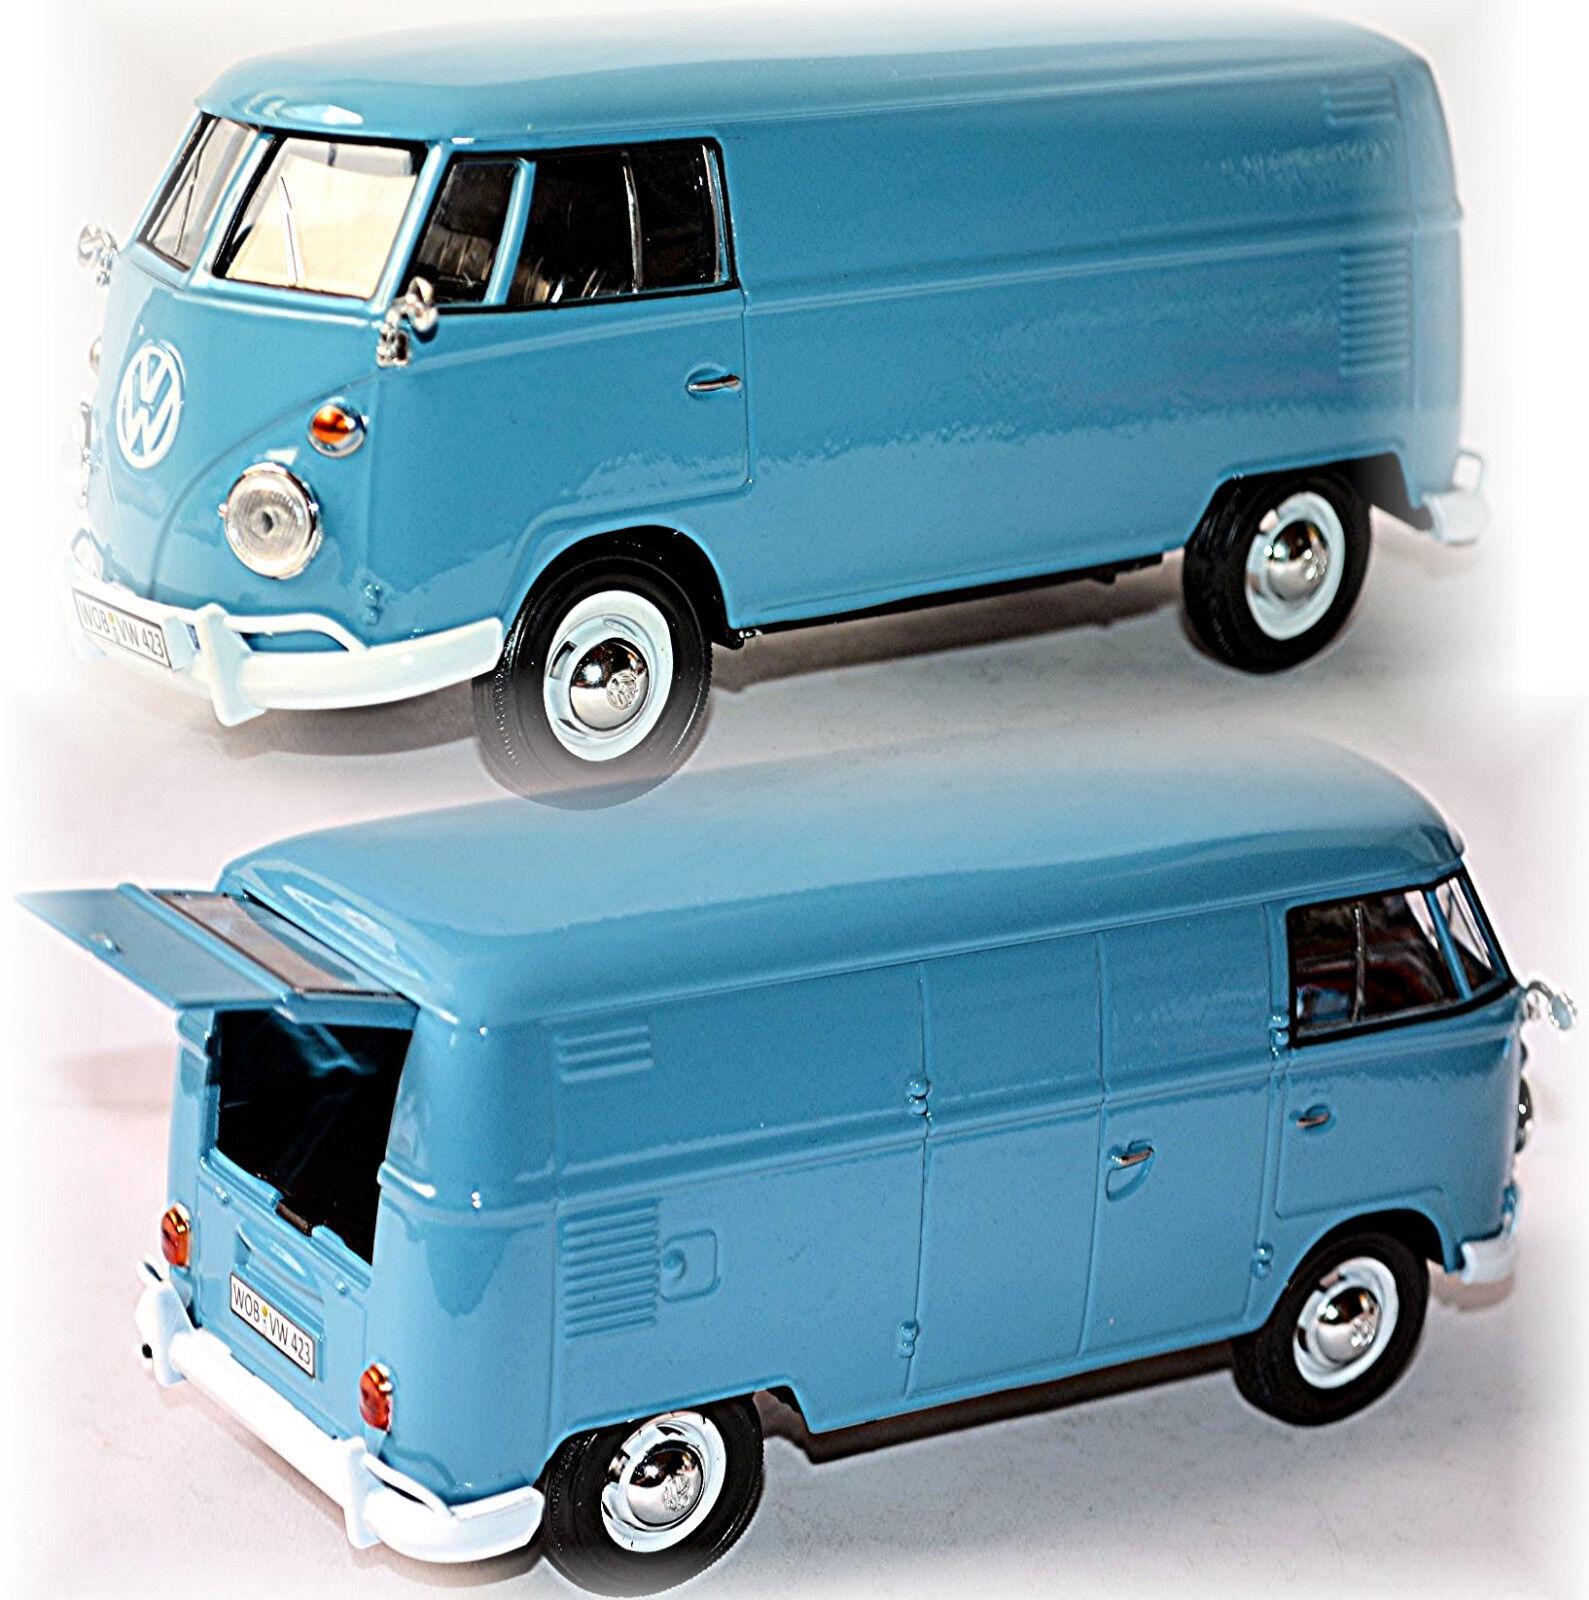 VW volkswagen t1 Type 2 Fourgon 1950-67 Delivery Van Bleu bleu 1 24